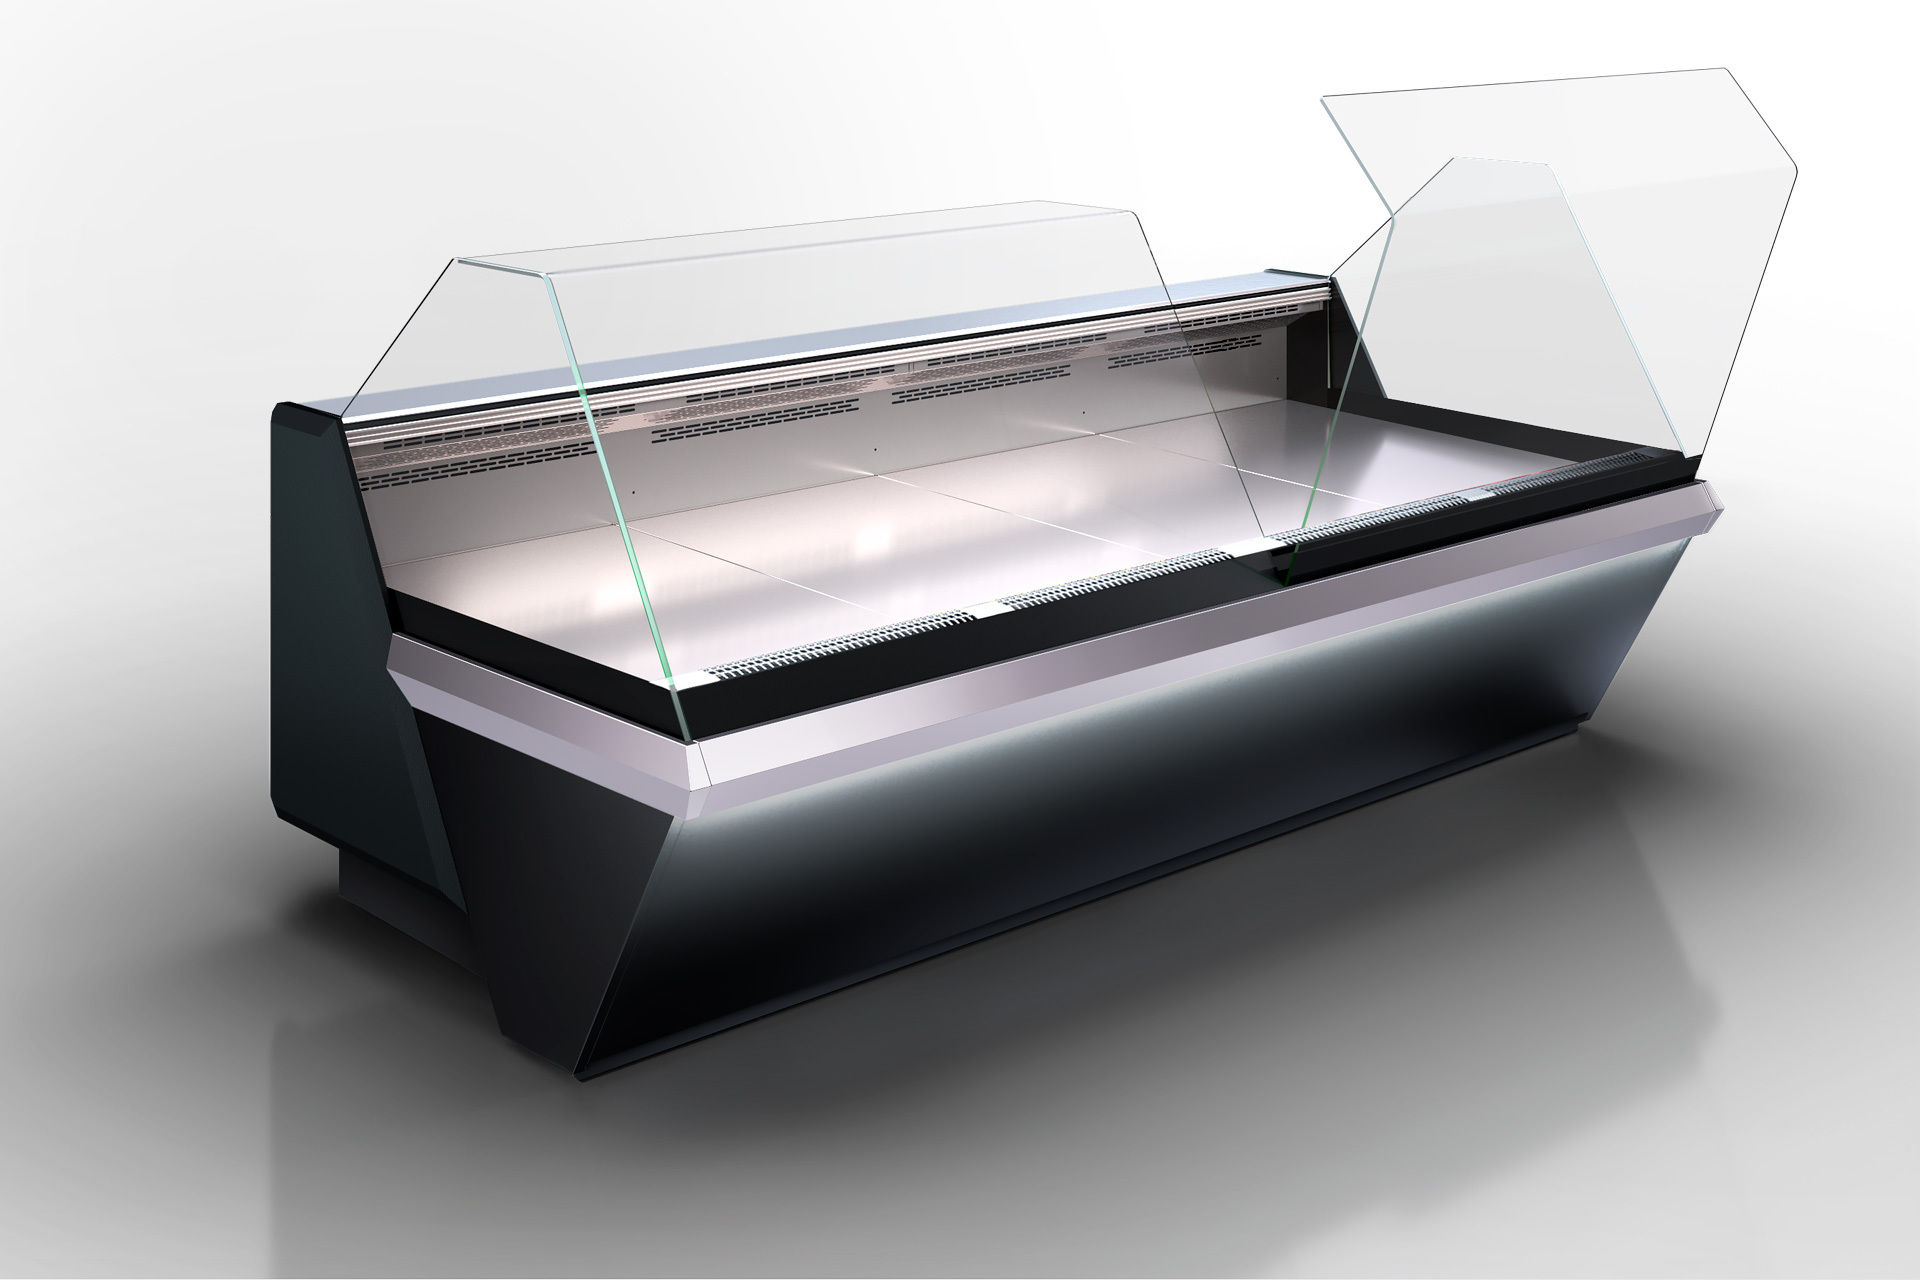 Холодильна вітрина Missouri enigma MK 120 deli OS 120-DBM